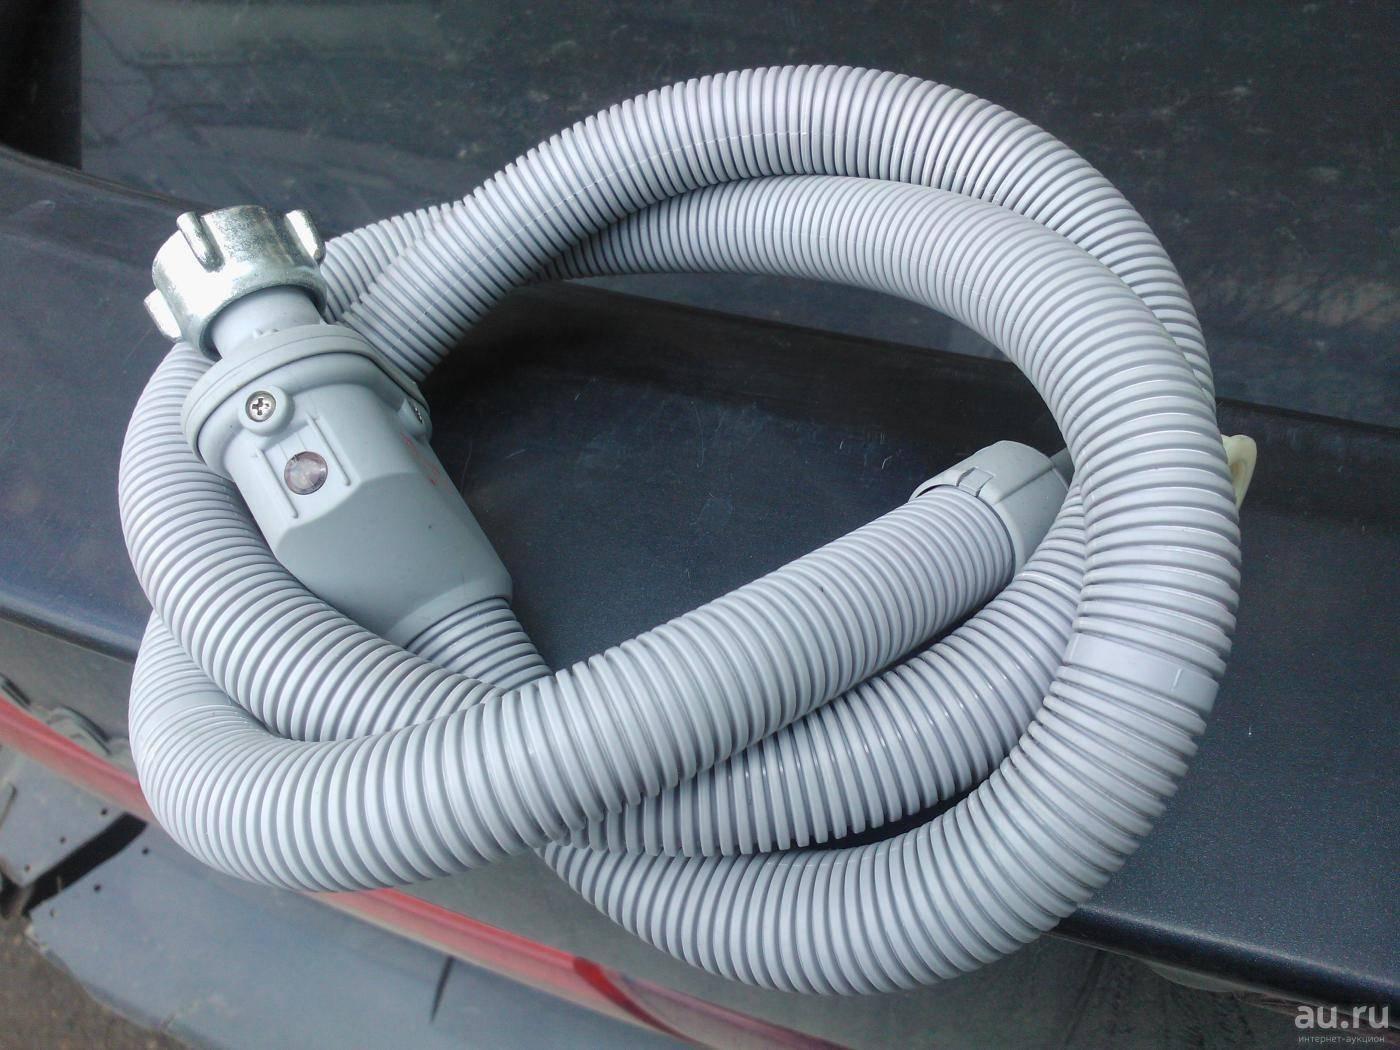 Заливной шланг для стиральной машины. резиновый, армированный, с защитой аквастоп +видео